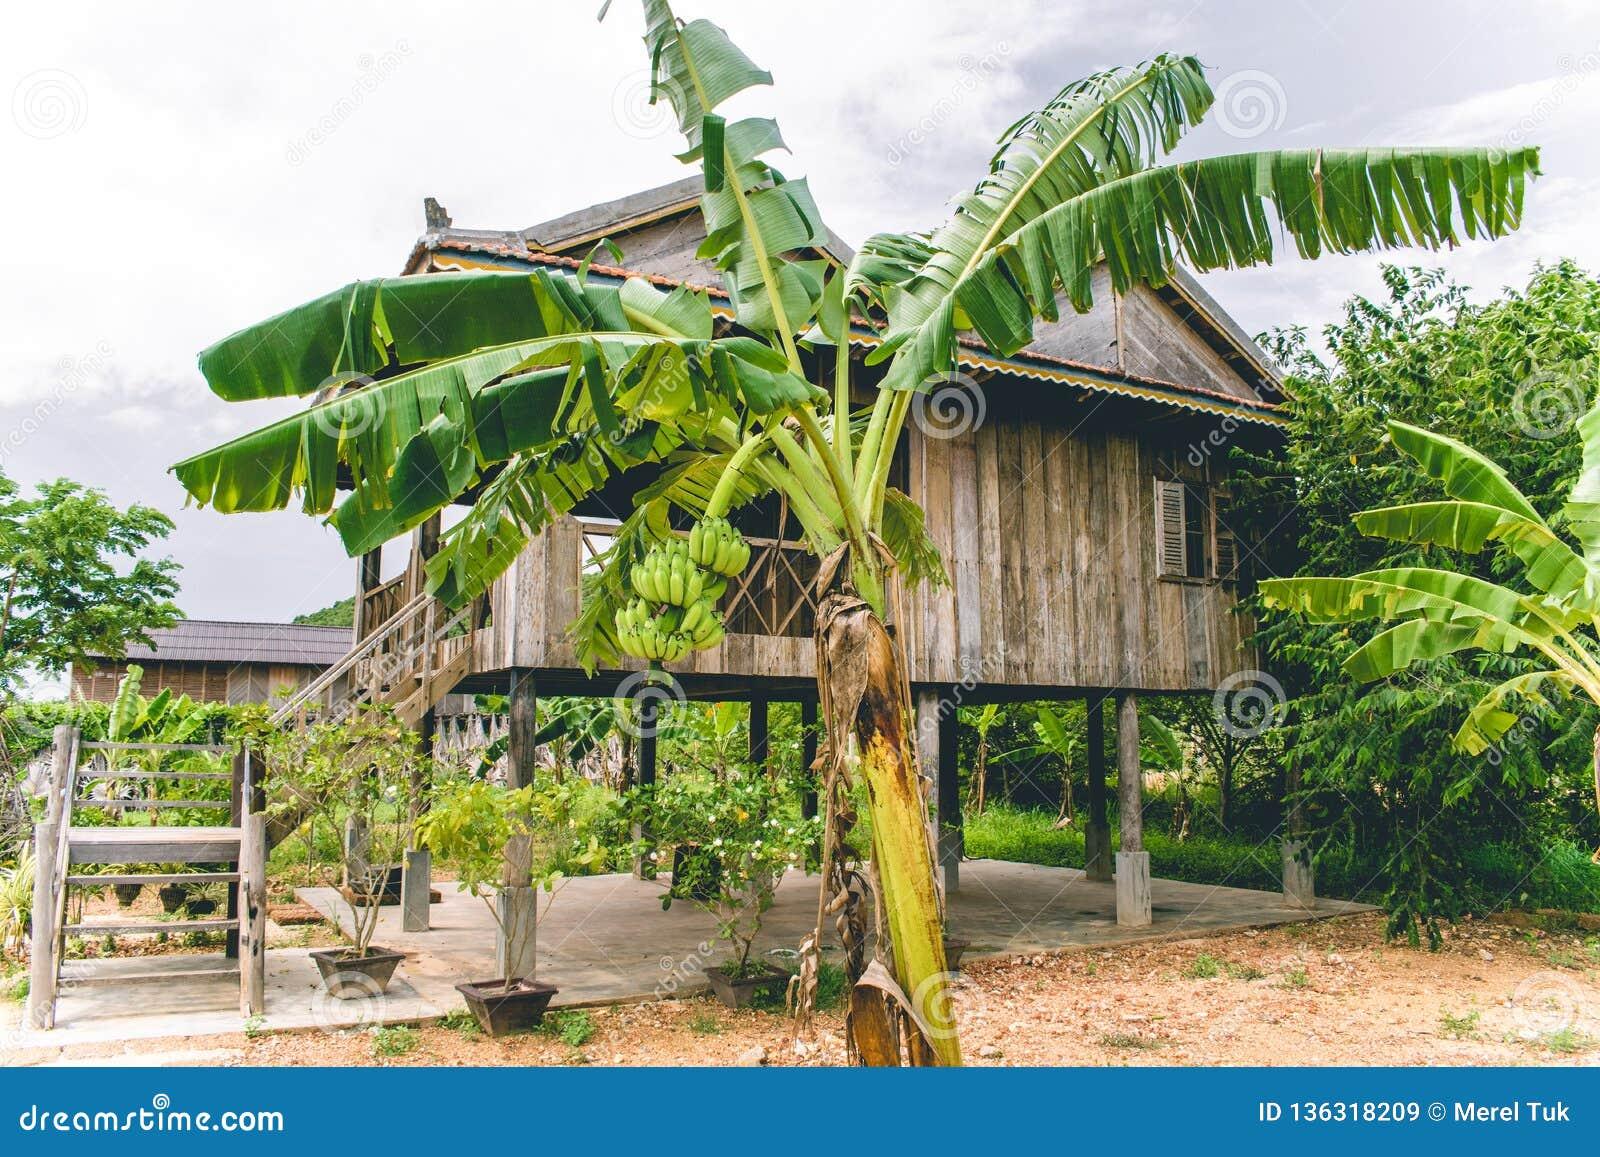 柬埔寨Kampot胡椒种植园亚洲东南部